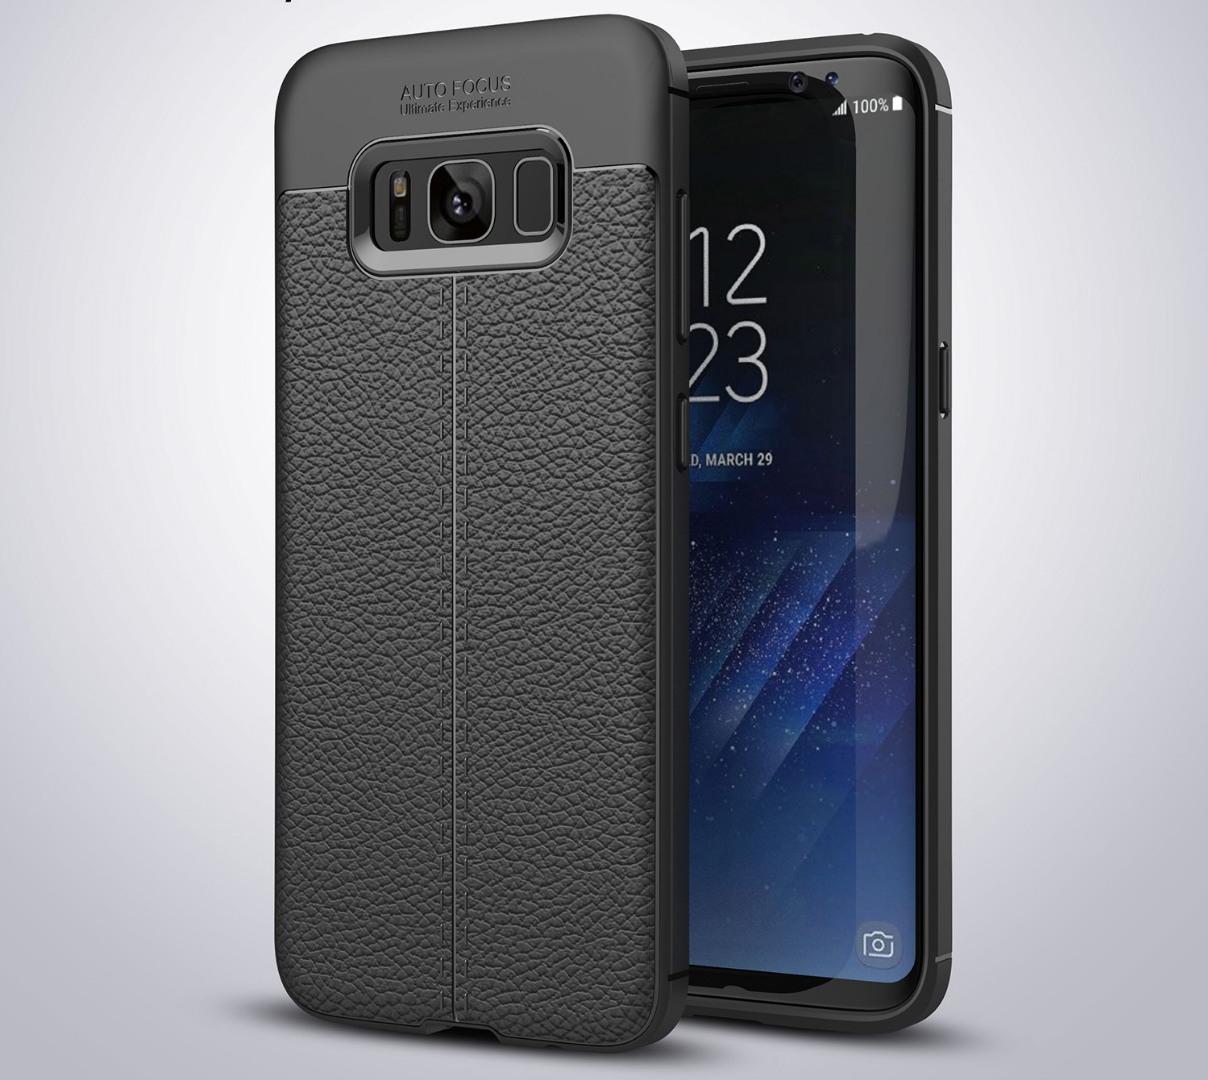 Husa silicon + TPU cu model piele, back cover, Samsung Galaxy S8 Plus - CaseME, Negru